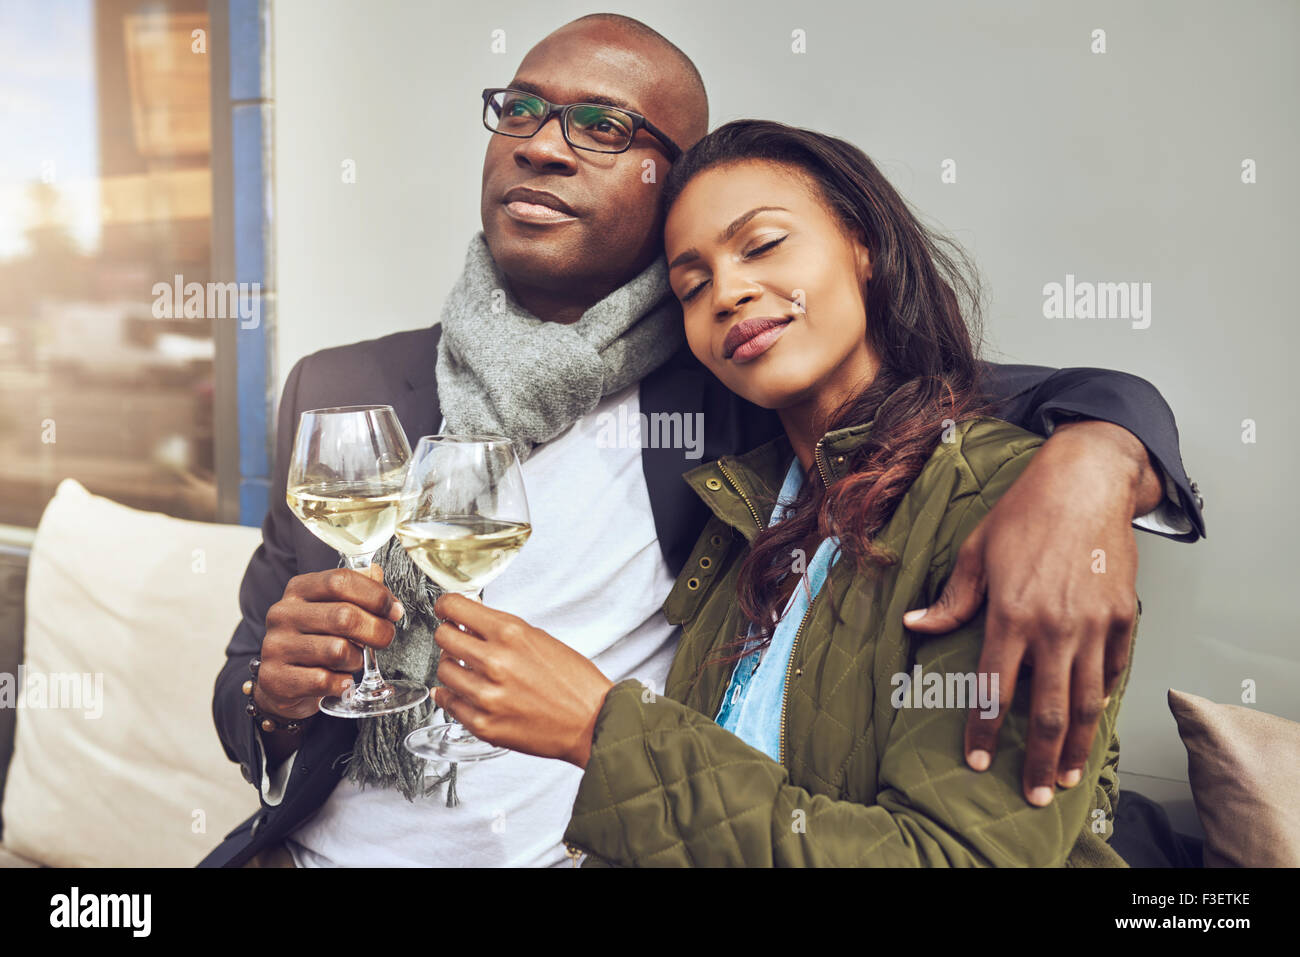 Dichosa la romántica pareja de jóvenes africanos descansando en brazos de los demás mientras disfruta Imagen De Stock